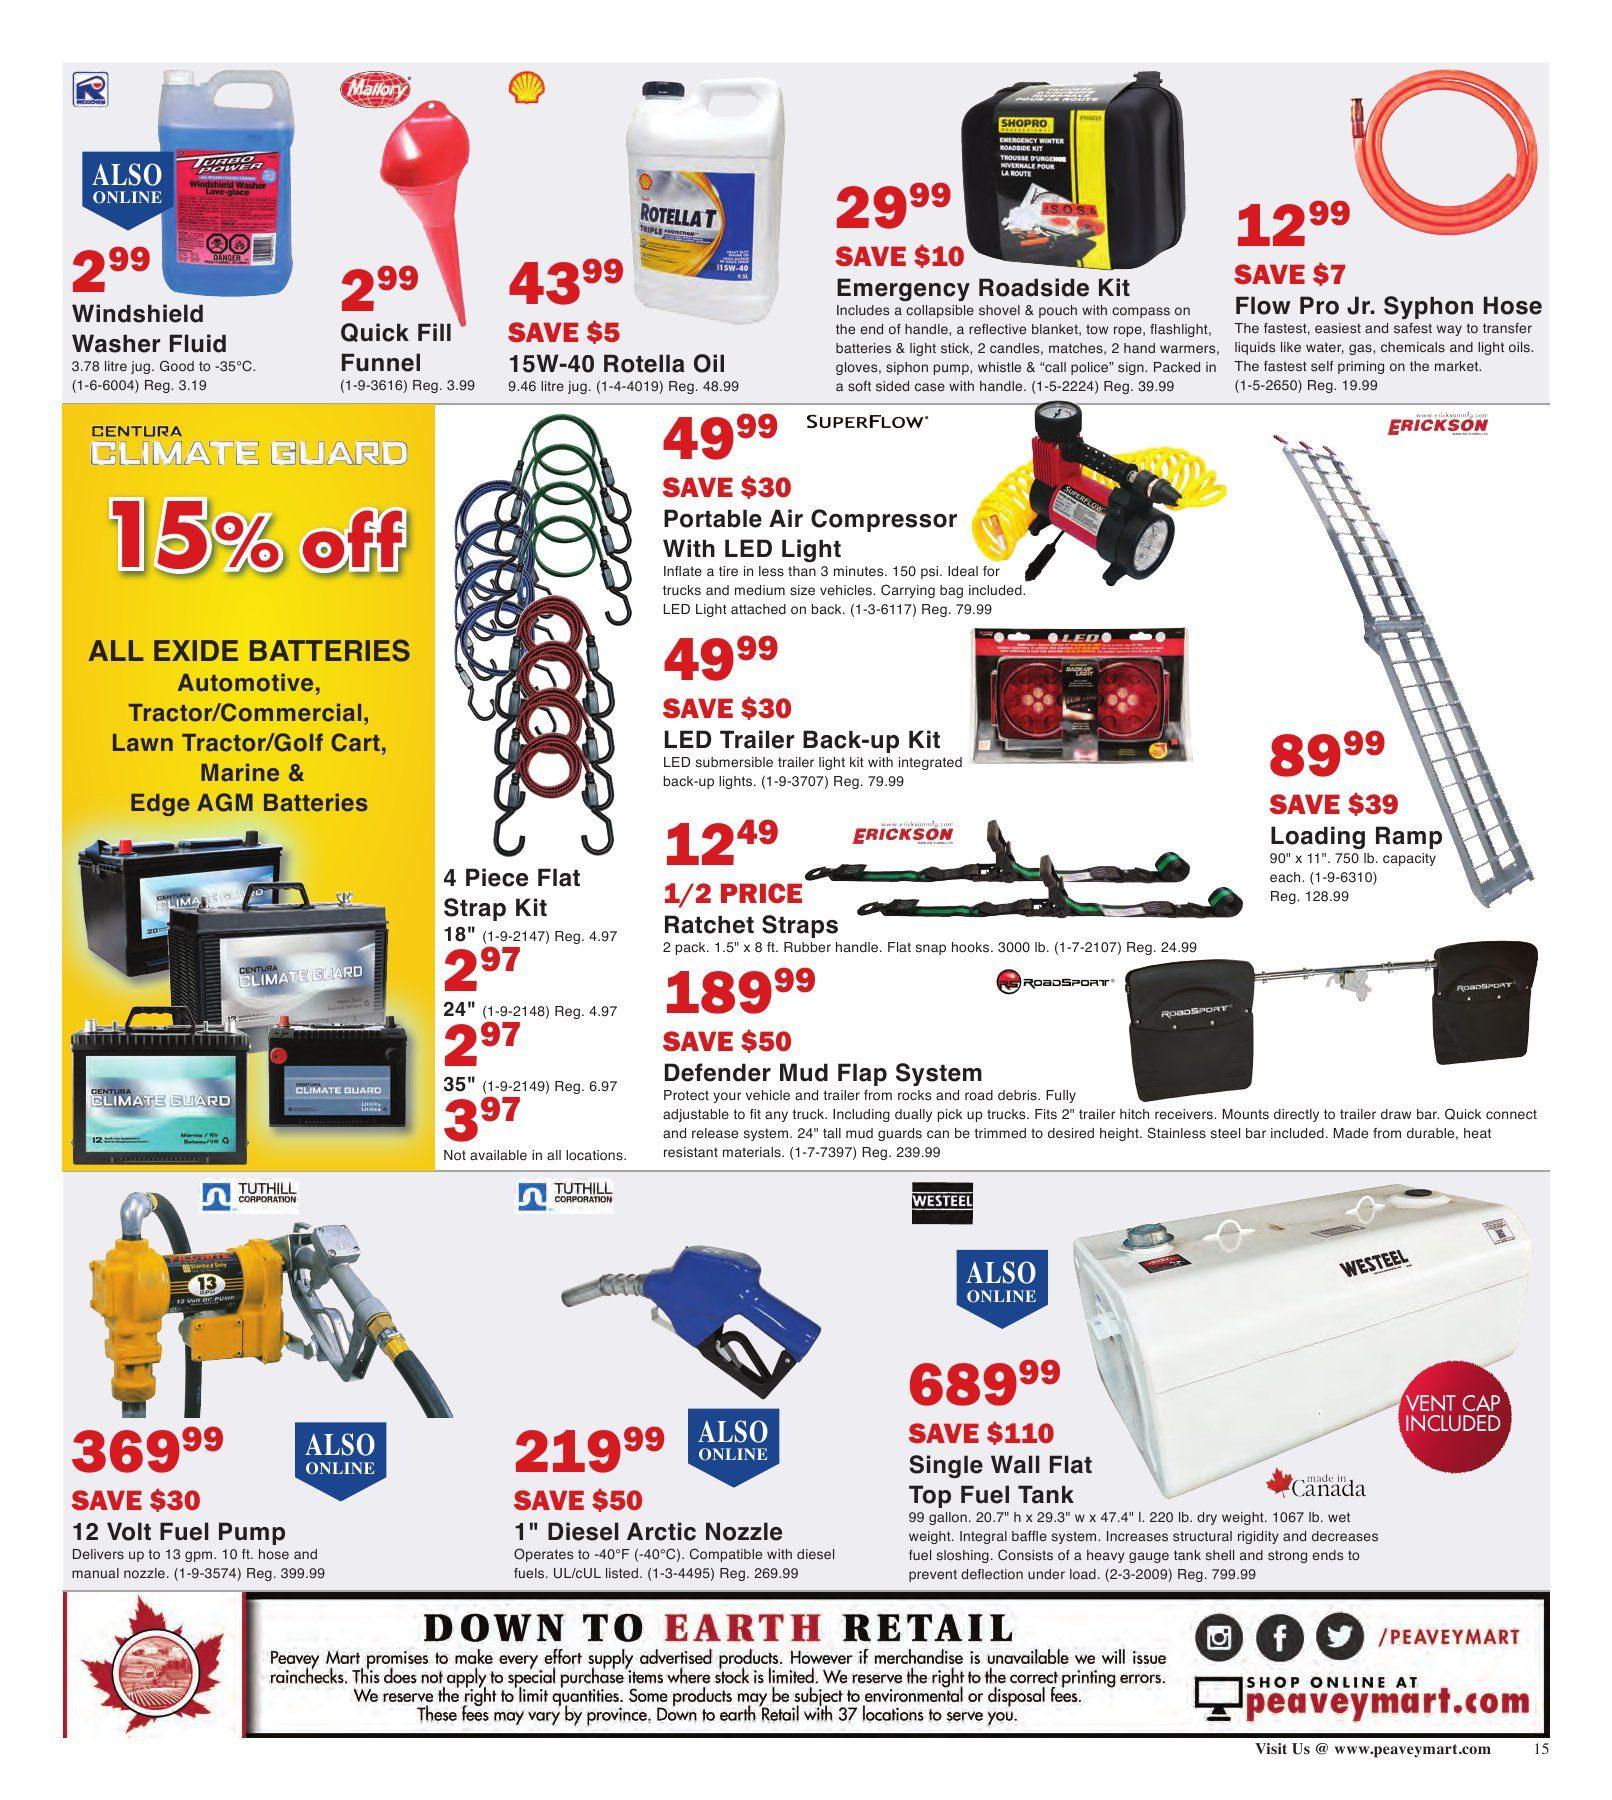 Peaveymart Weekly Flyer Buyer S Best Picks Sep 29 Oct 8 Redflagdeals Com